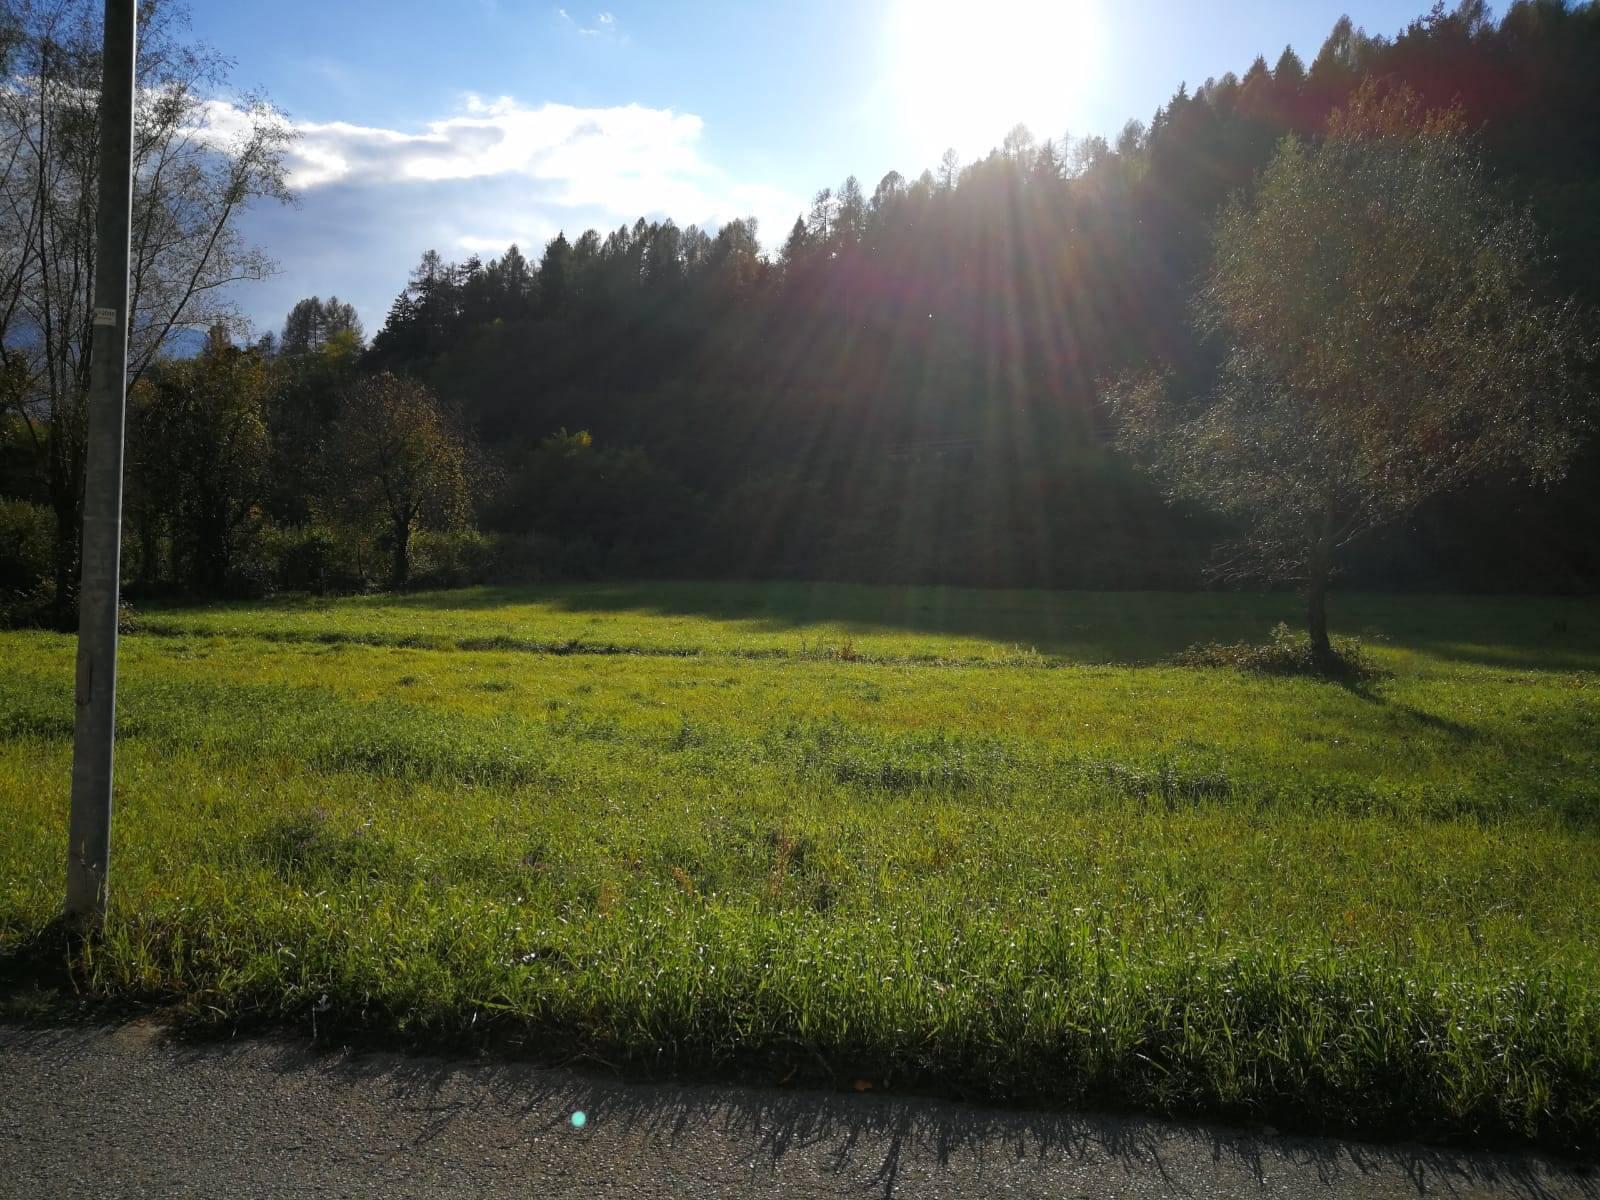 Terreno Agricolo in vendita a Pergine Valsugana, 9999 locali, zona Località: BRAZZANIGA, prezzo € 45.000 | CambioCasa.it